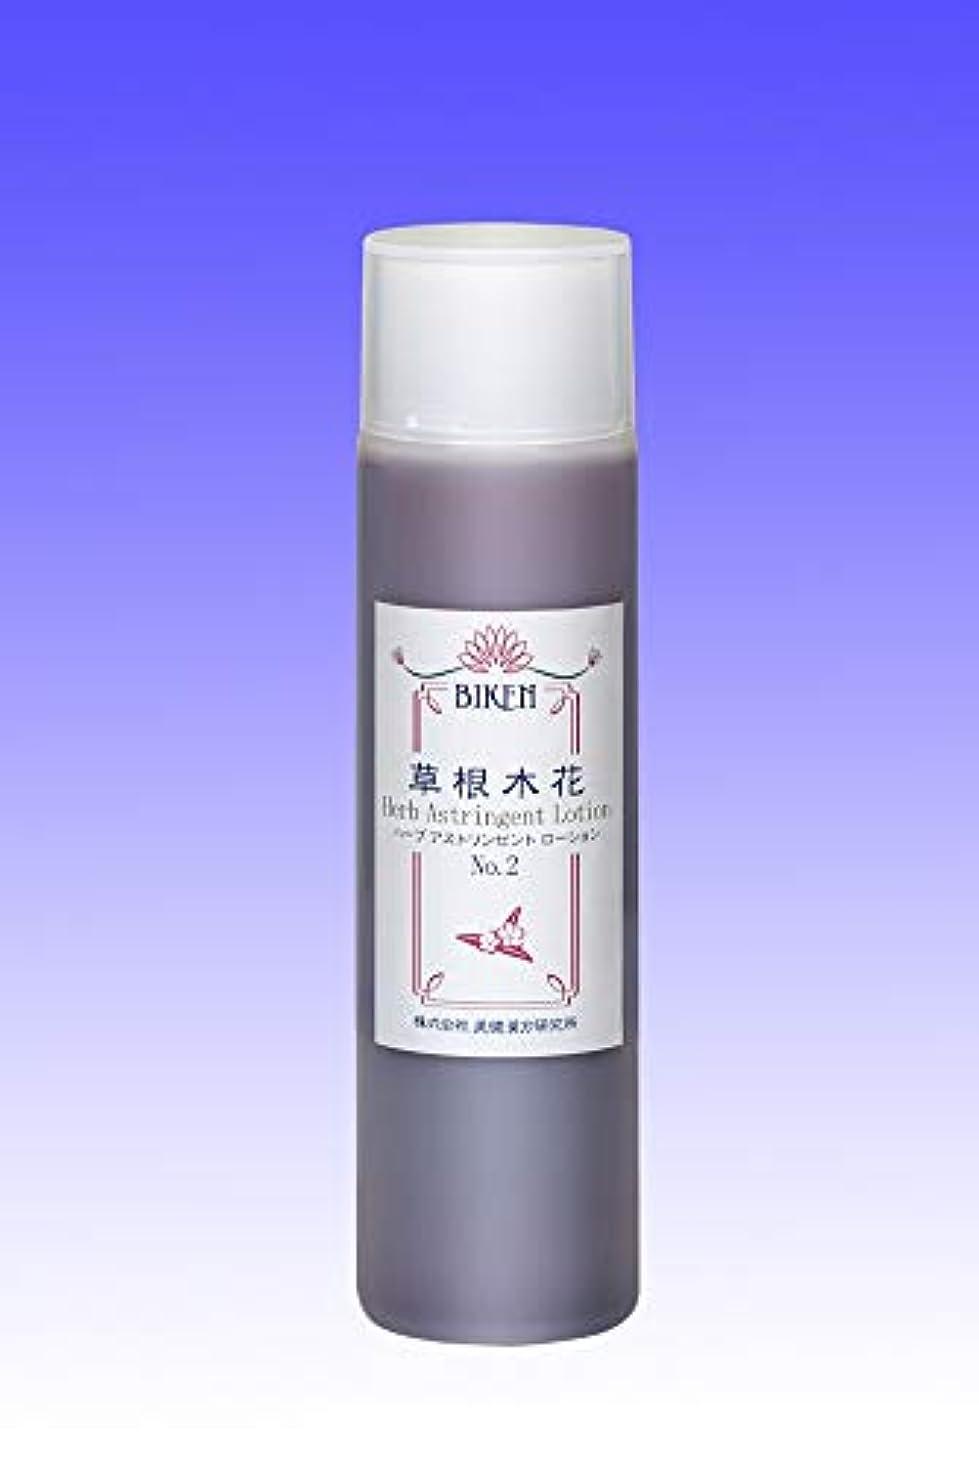 旋律的ロケット手つかずの「草根木花 ハーブ アストリンゼントローショNo.2(紫根化粧水)」紫根(シコン)自然派基礎化粧品シェアドコスメ (男女兼用化粧品)